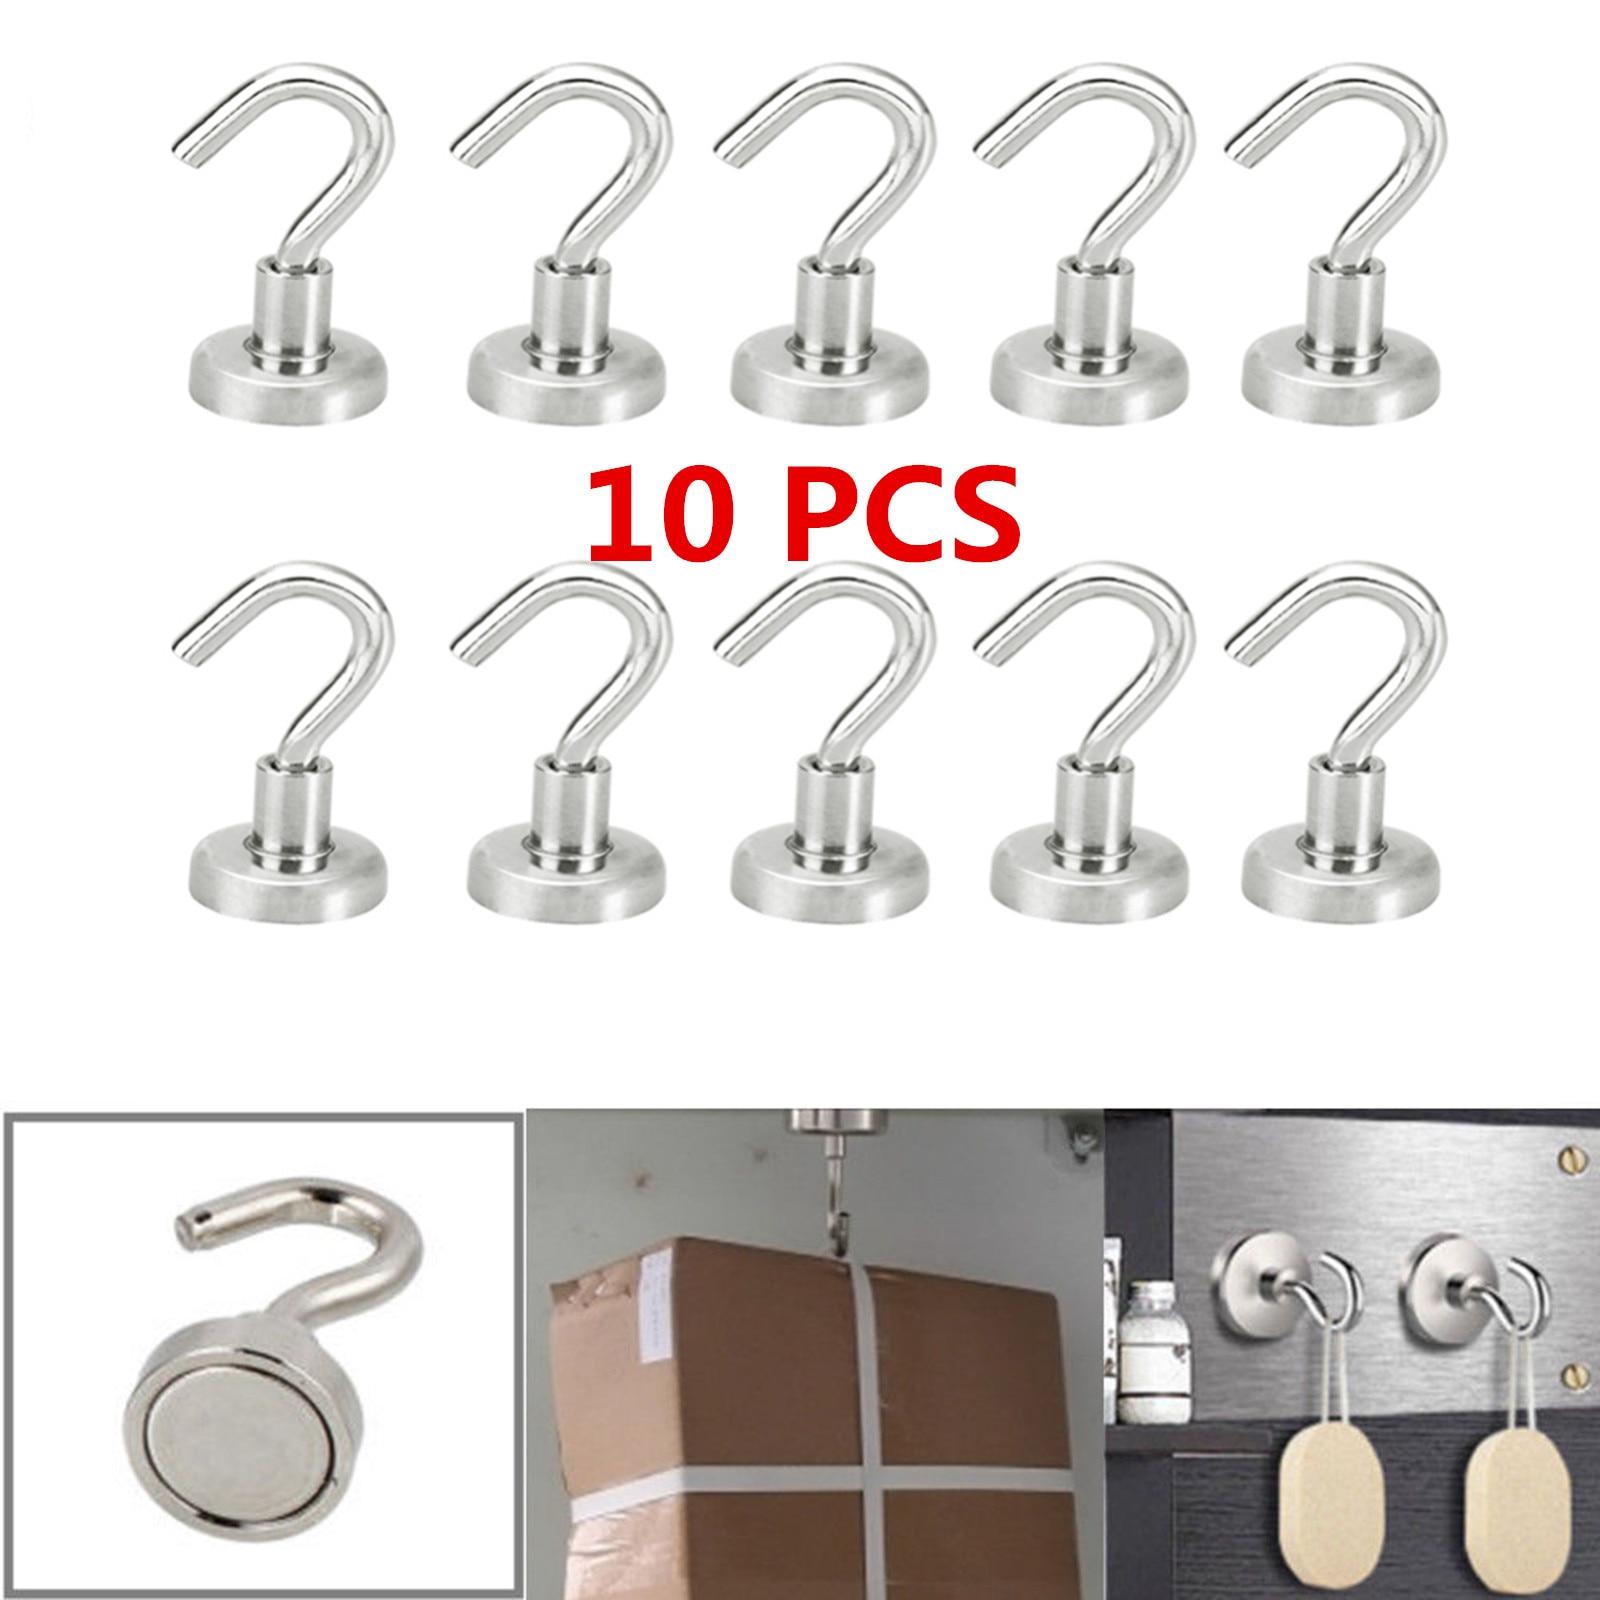 Ganchos magnéticos súper fuertes de 10 Uds., gancho para puerta de magia pared, gancho fuerte para organización de almacenamiento del hogar, soporte para ganchos Mini de alta resistencia